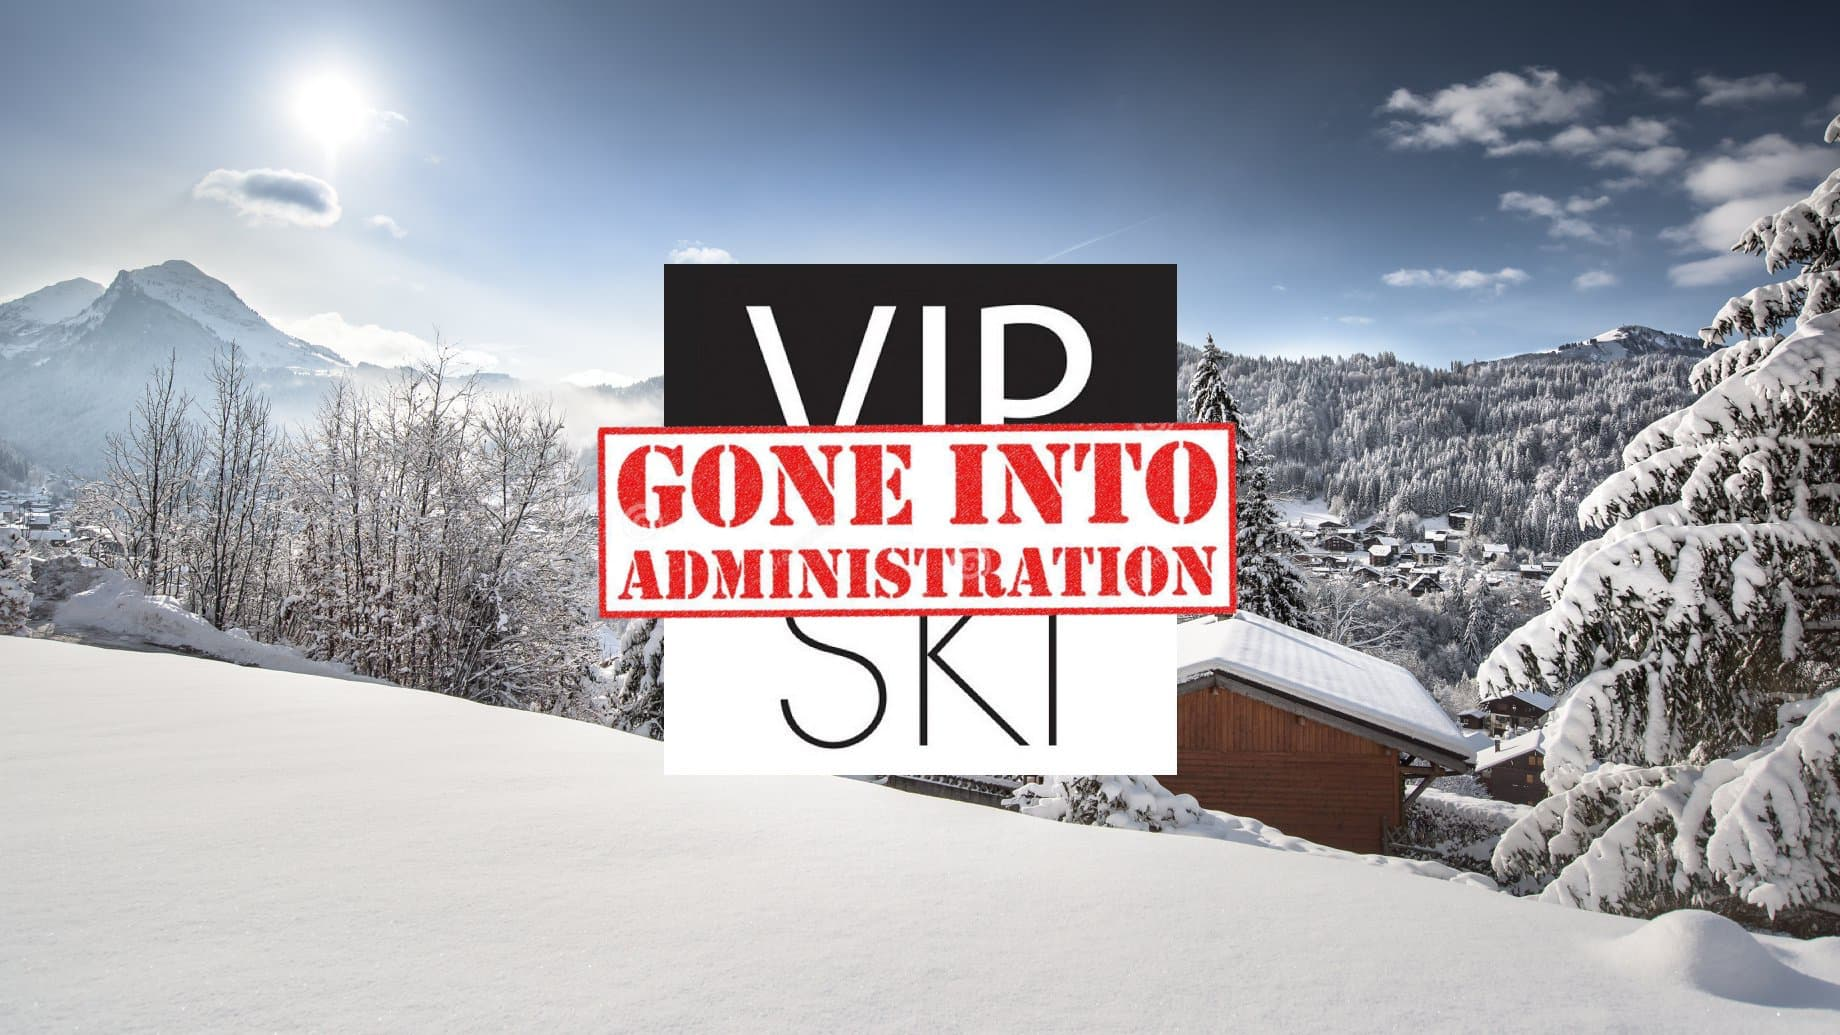 VIP Ski, coronavirus, covid-19, administration,